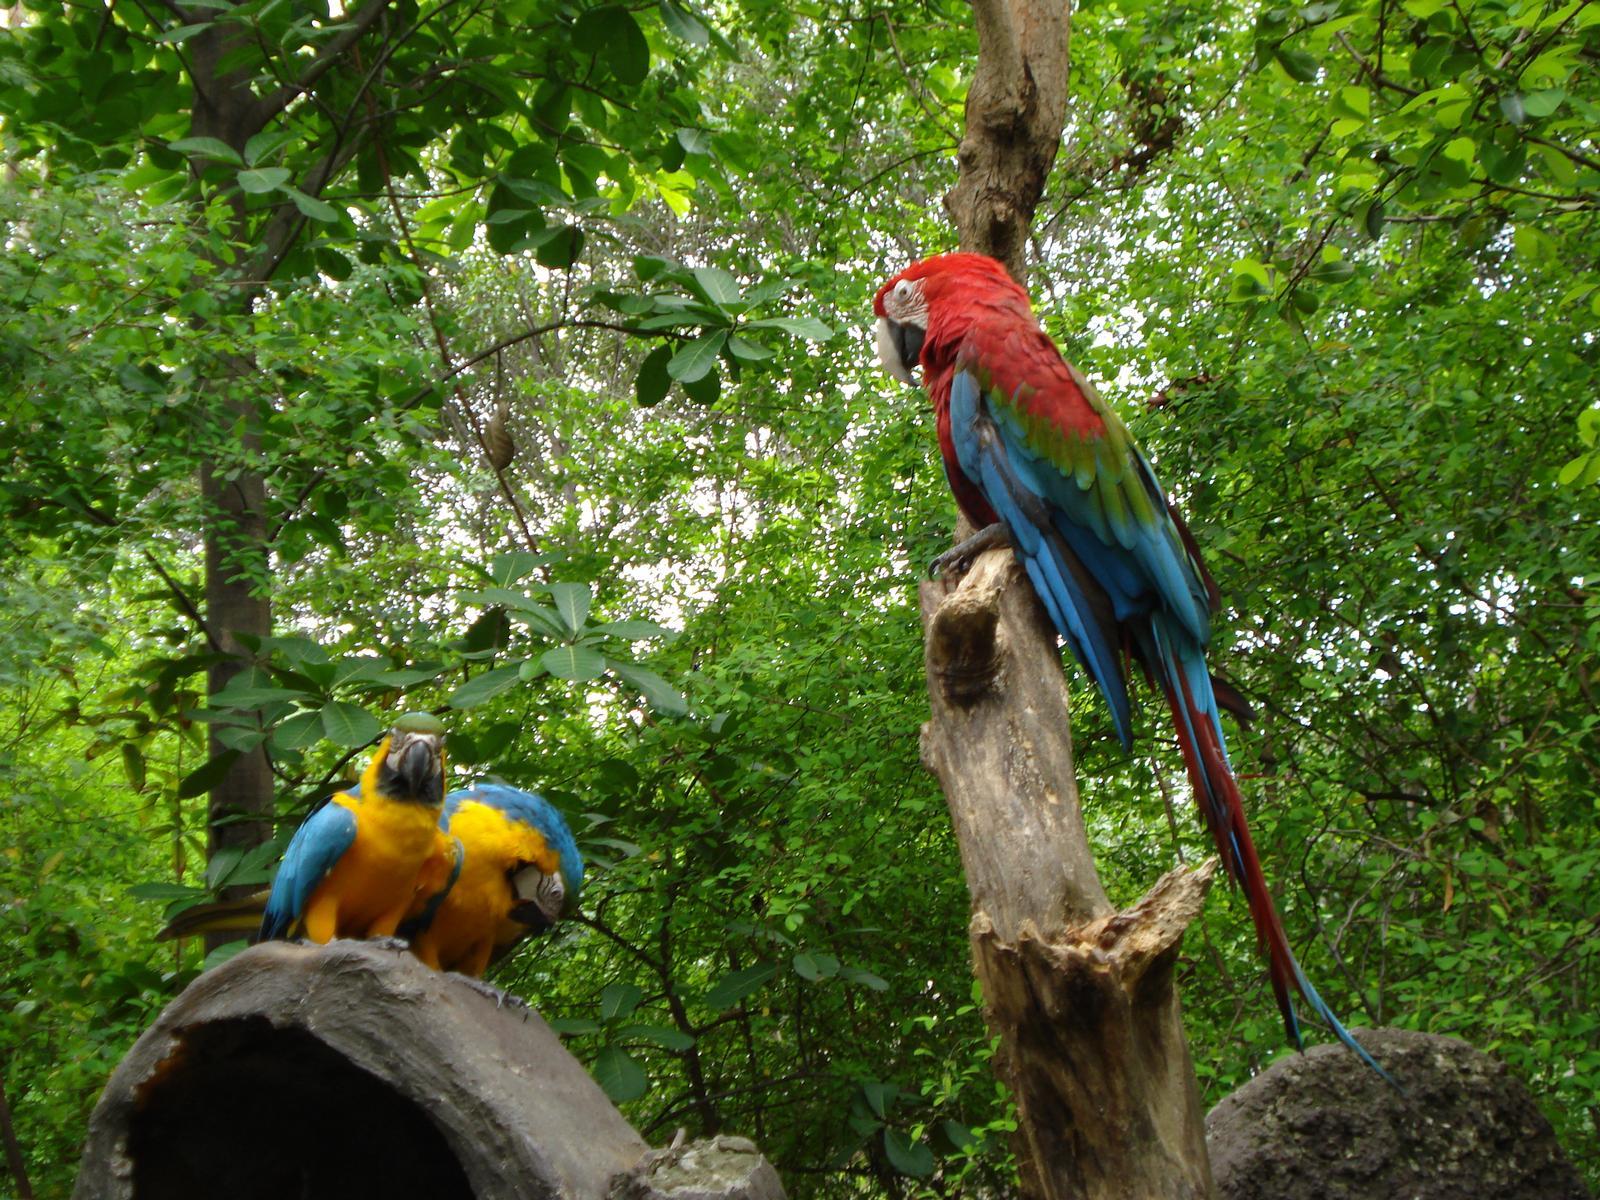 Opplevelsesferie på Galapagos er noe unikt. Bli med på øyhopping og kom tett på eksotisk natur og unikt dyreliv. Kombiner reisen med kulturelle opplevelser på fastlandet i Ecuador. Espnes har ferien.